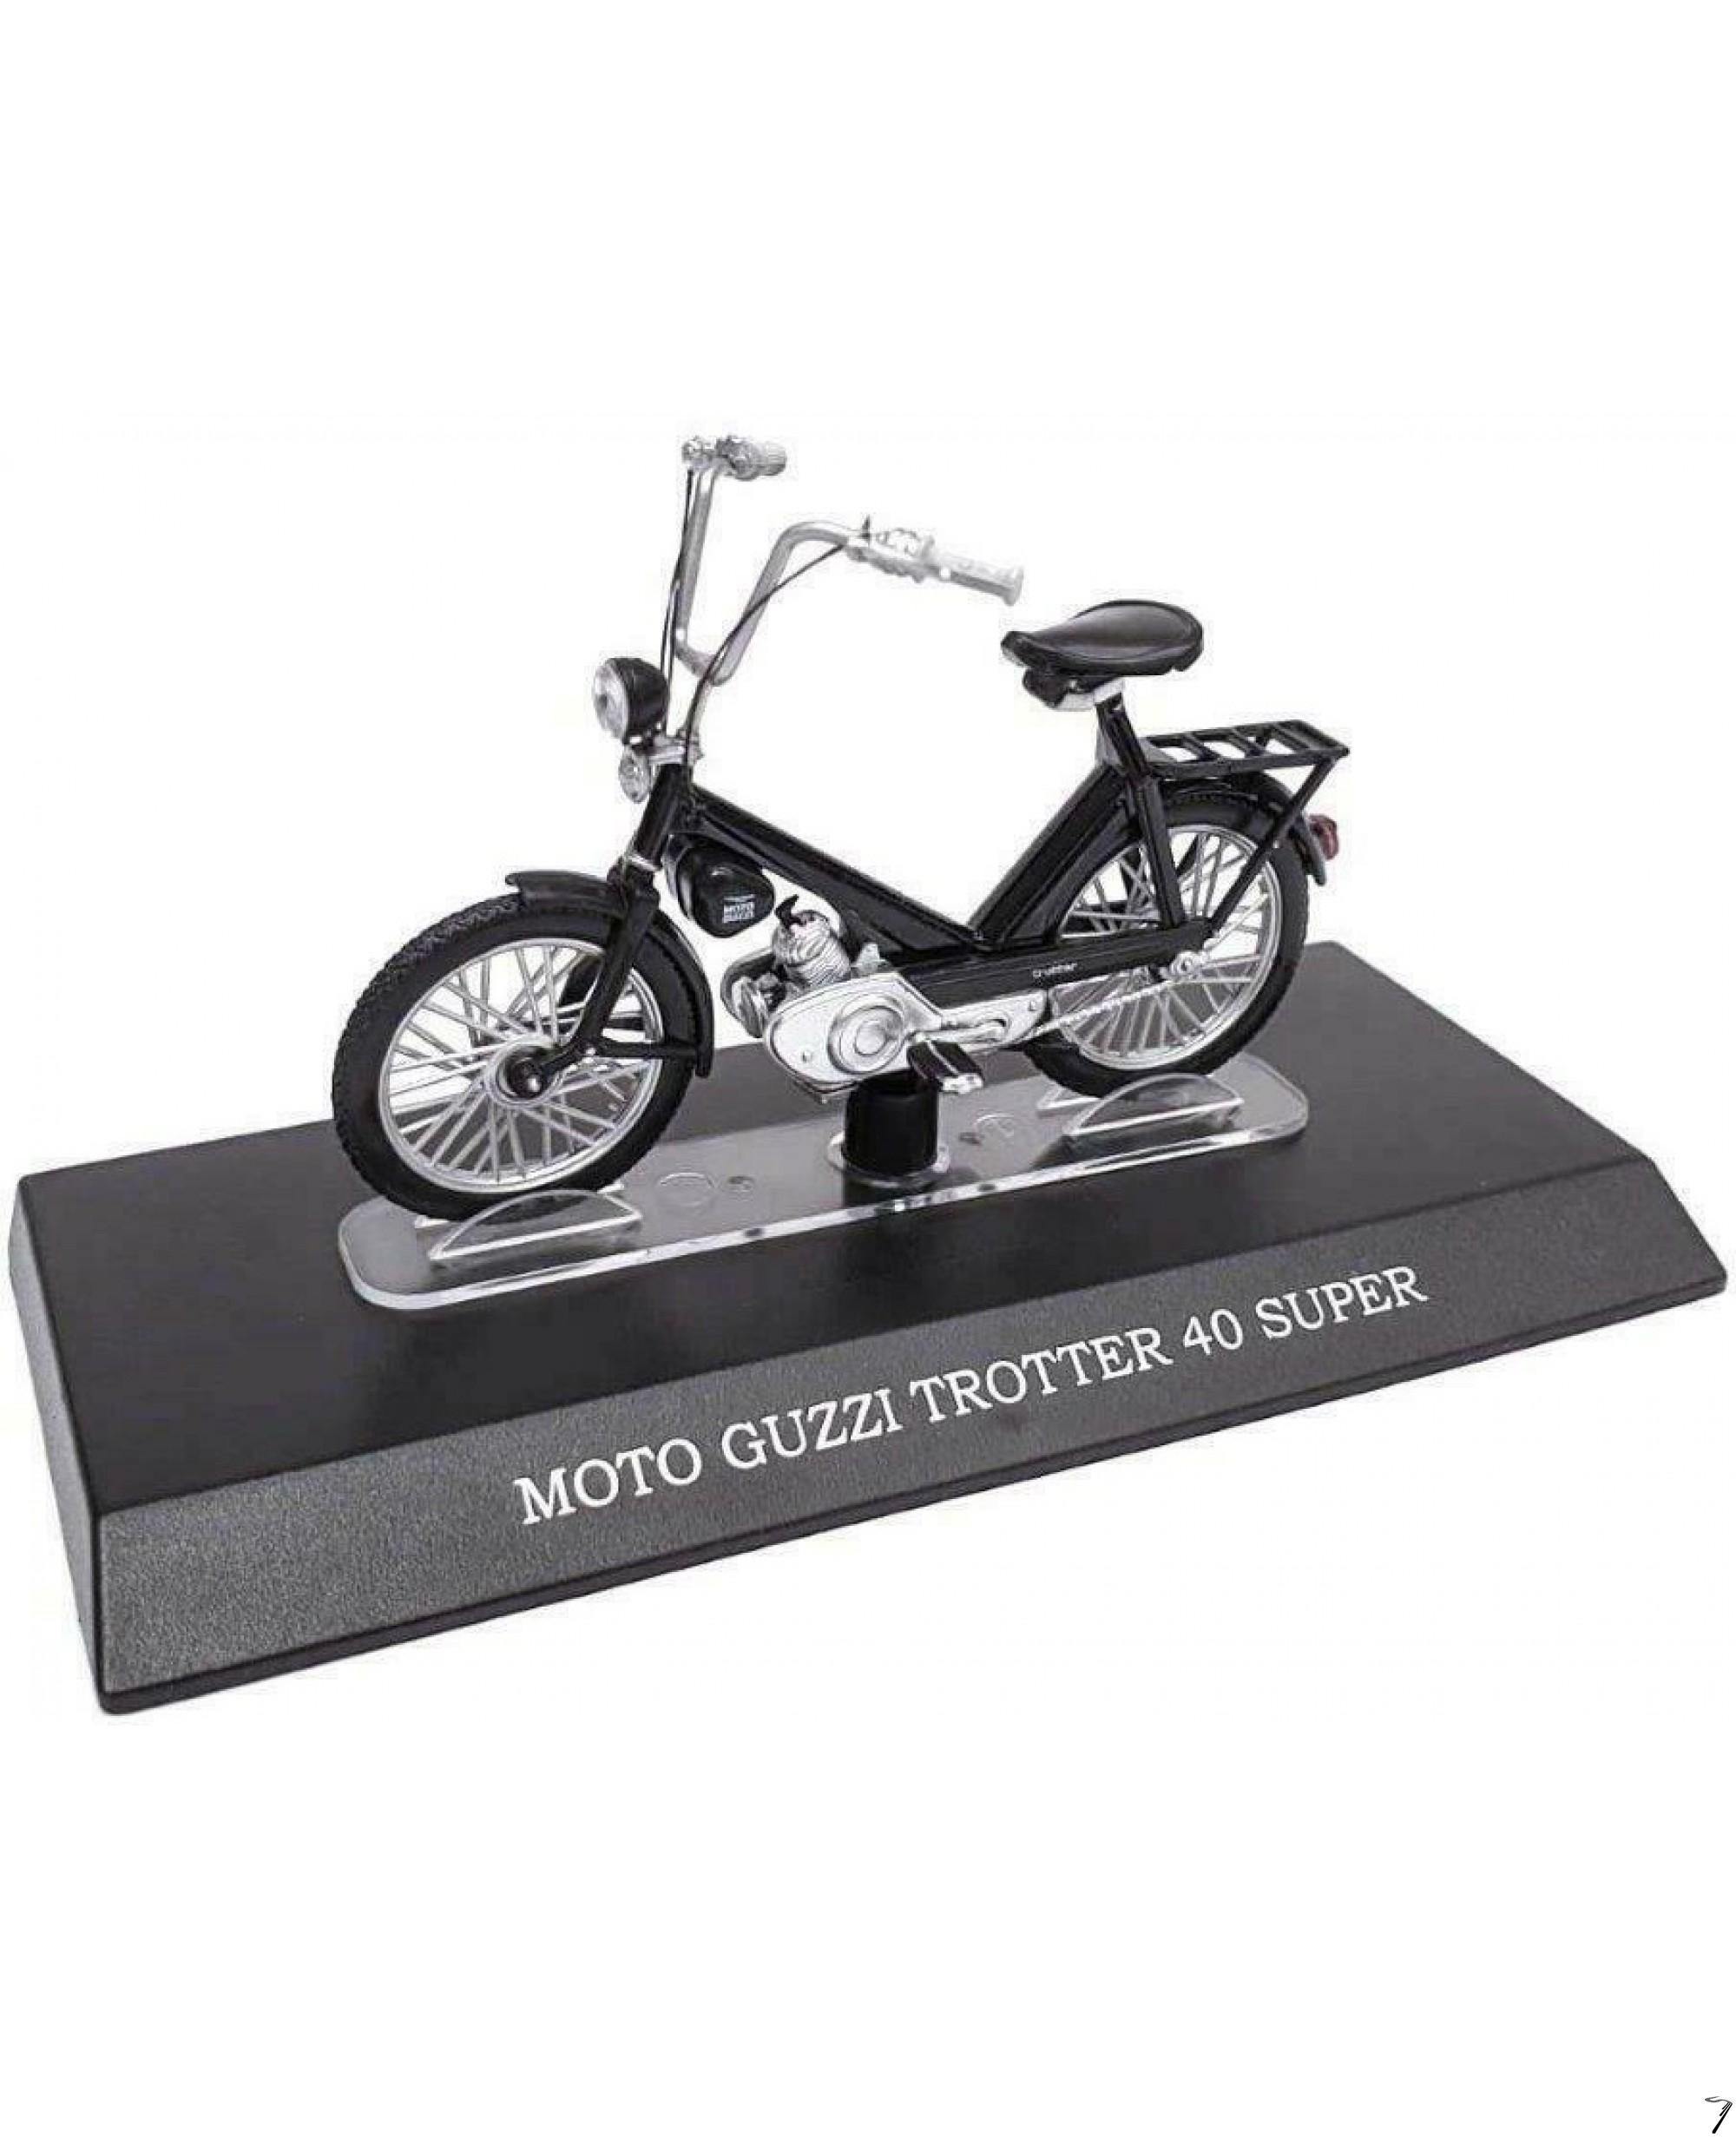 Moto Guzzi Trotter super 40, noir  1/18